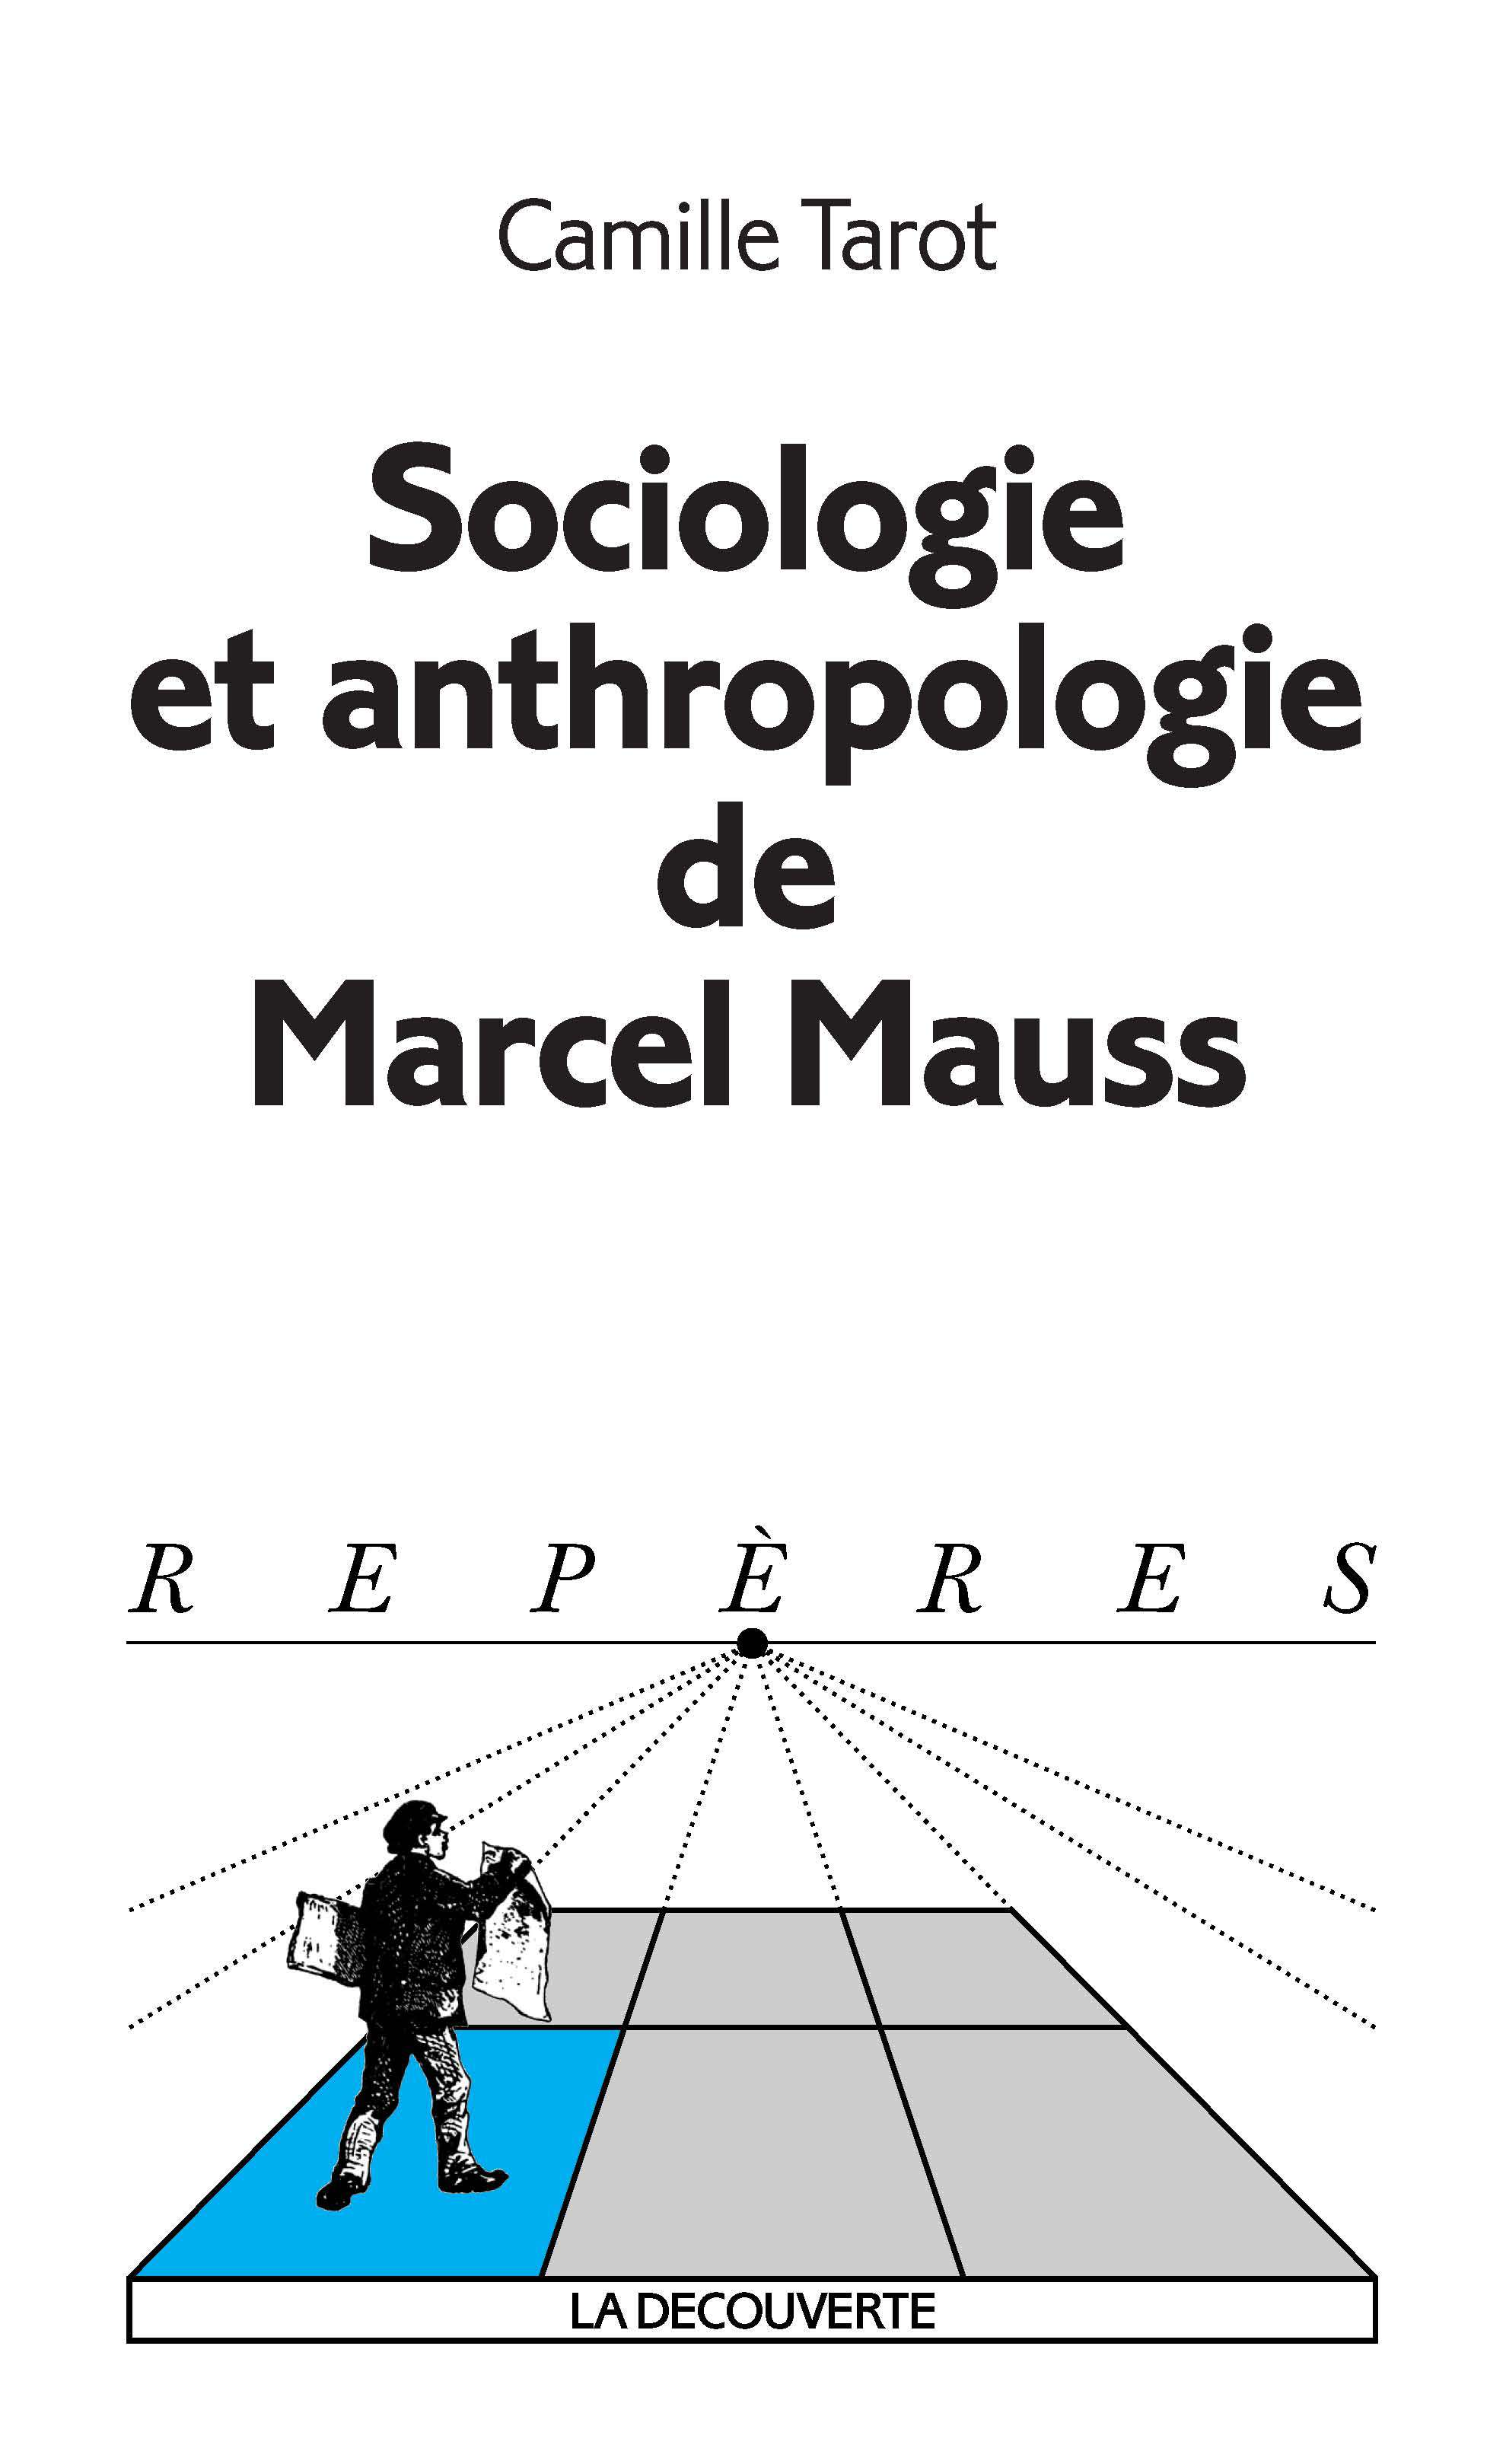 Méthodes de datation anthropologique